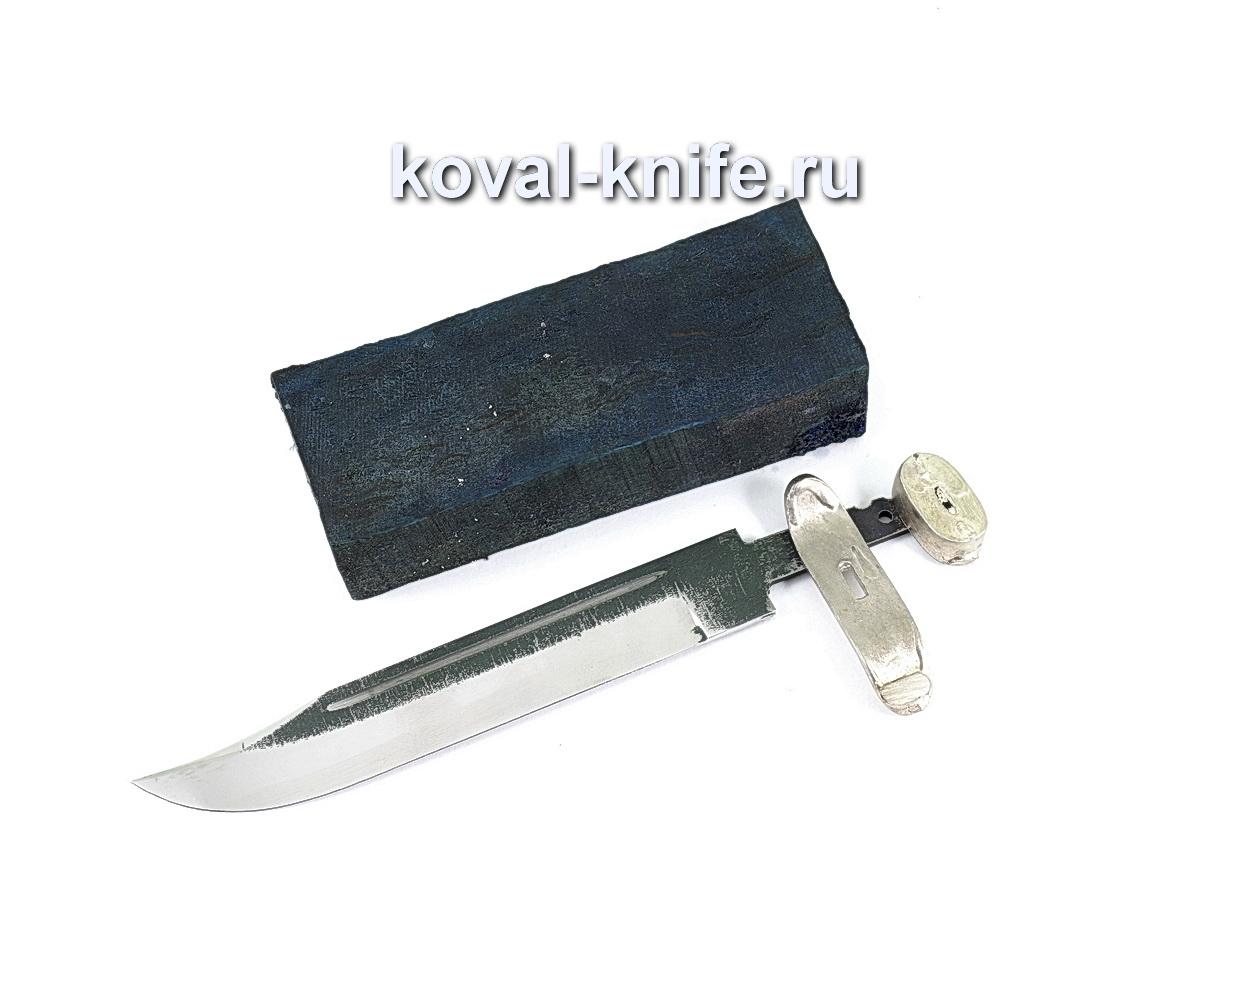 Комплект для ножа НР-40 6 (клинок кованая 110х18 2,4-2,5мм, литье 2шт., граб брусок)